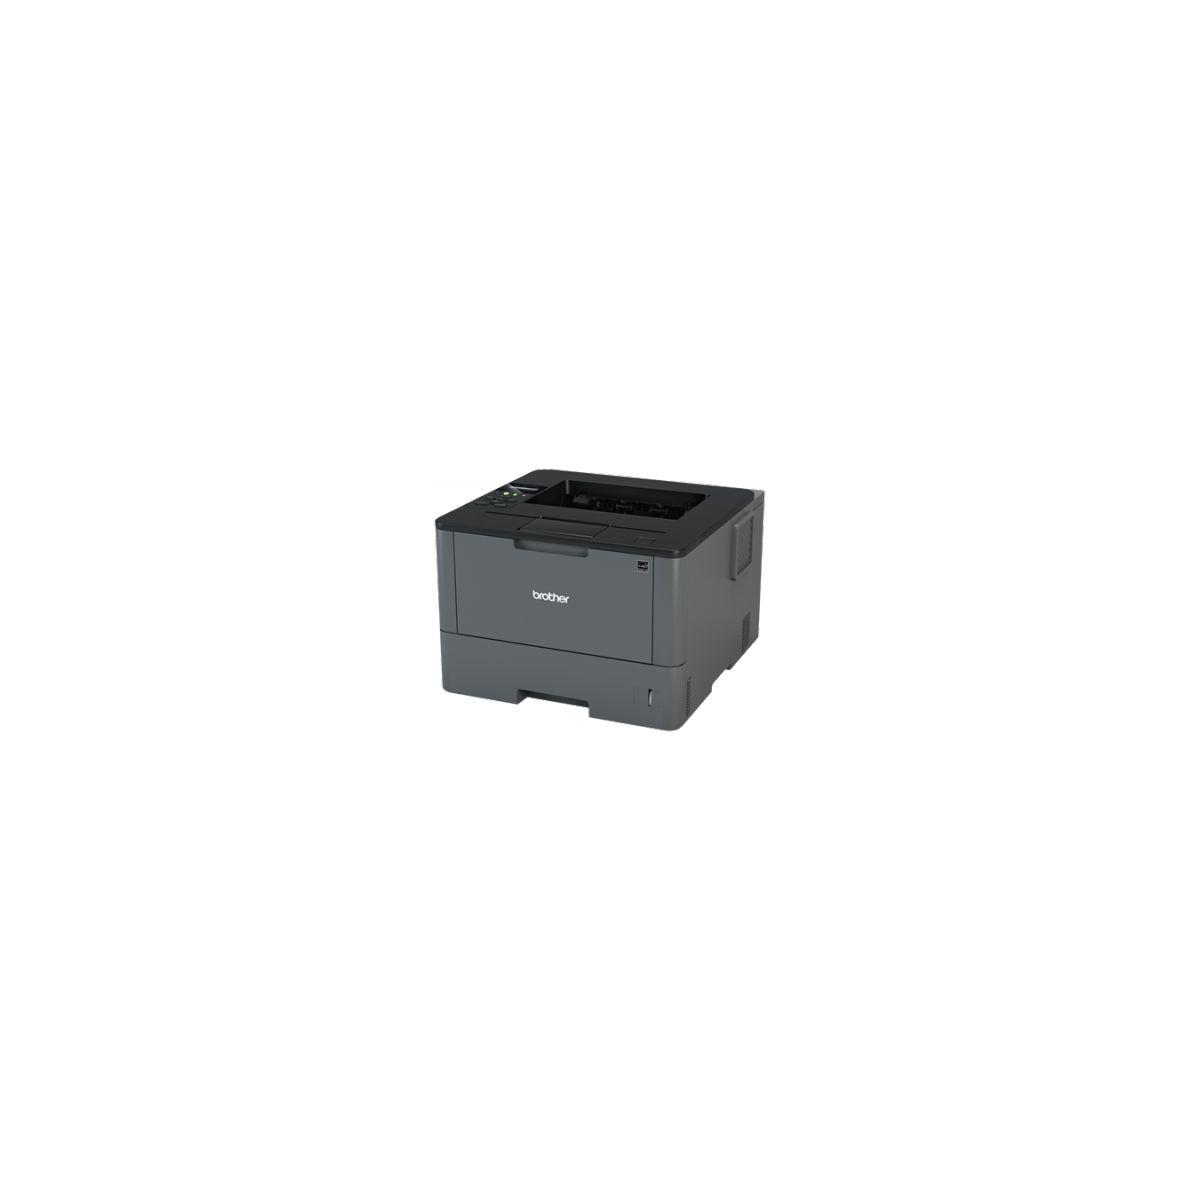 brother hl l5200dw imprimante laser noir et blanc recto. Black Bedroom Furniture Sets. Home Design Ideas